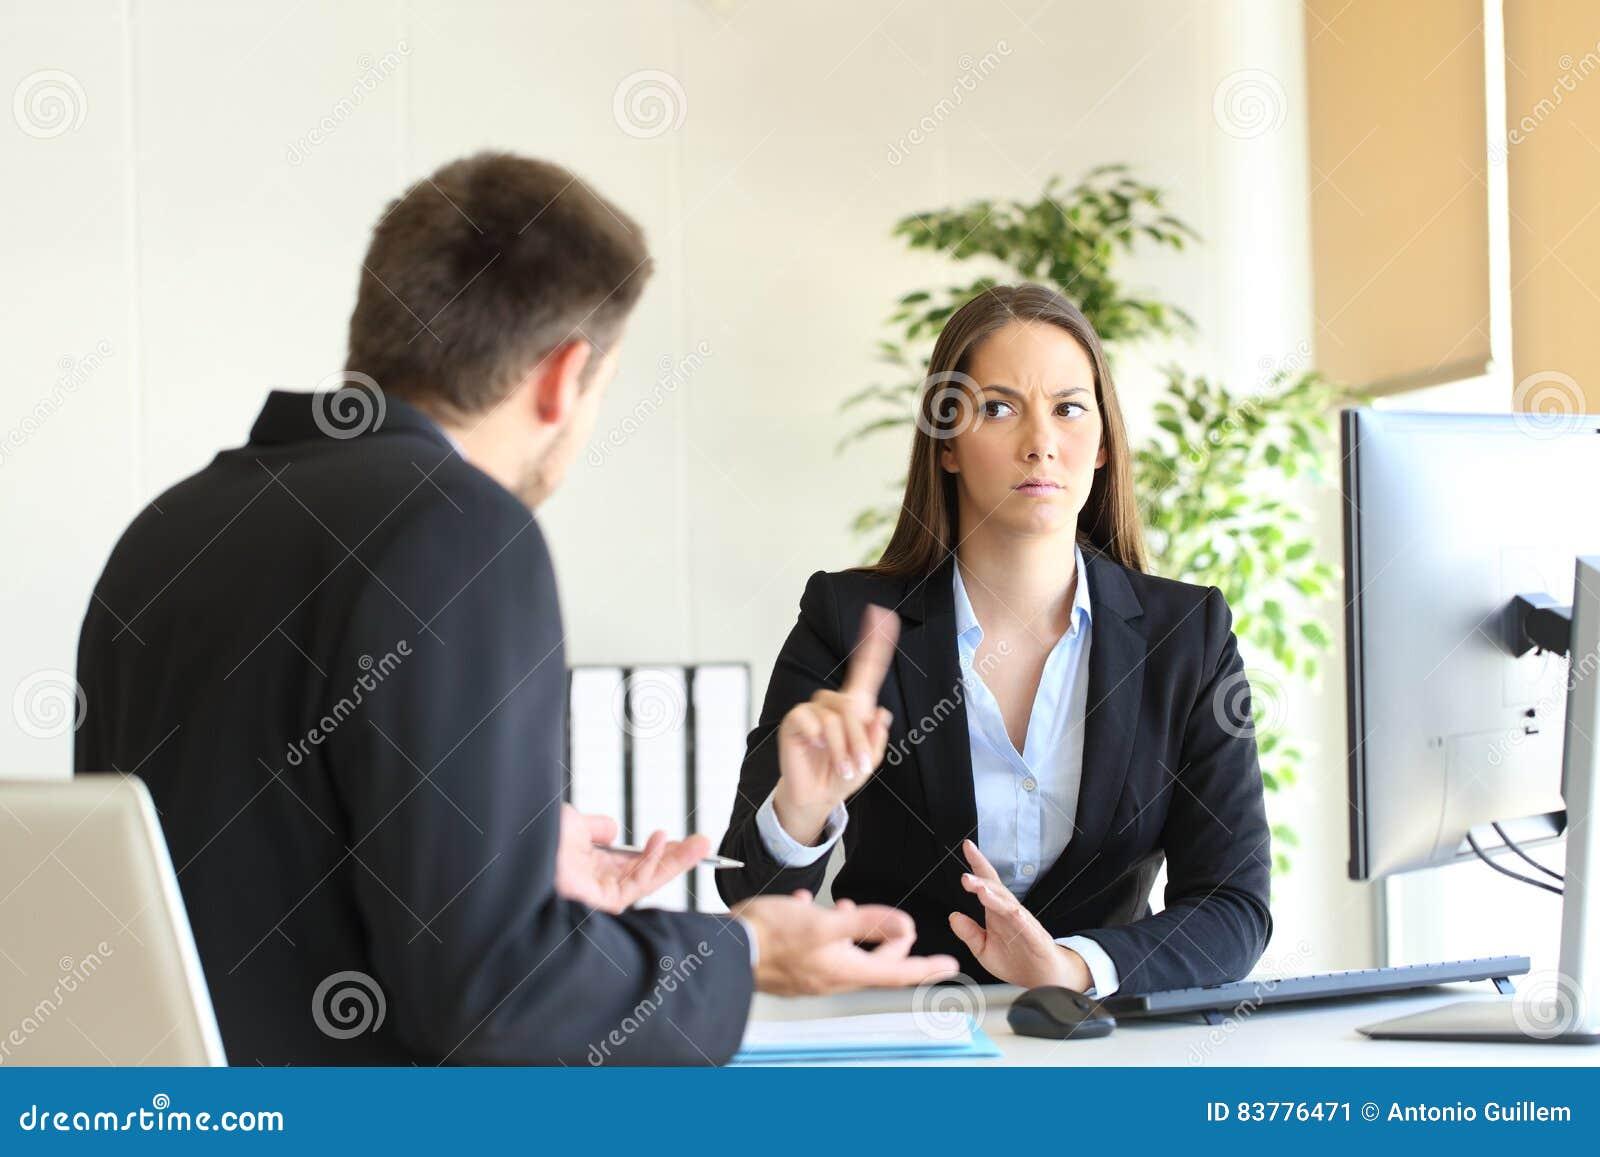 否认某事的上司雇员